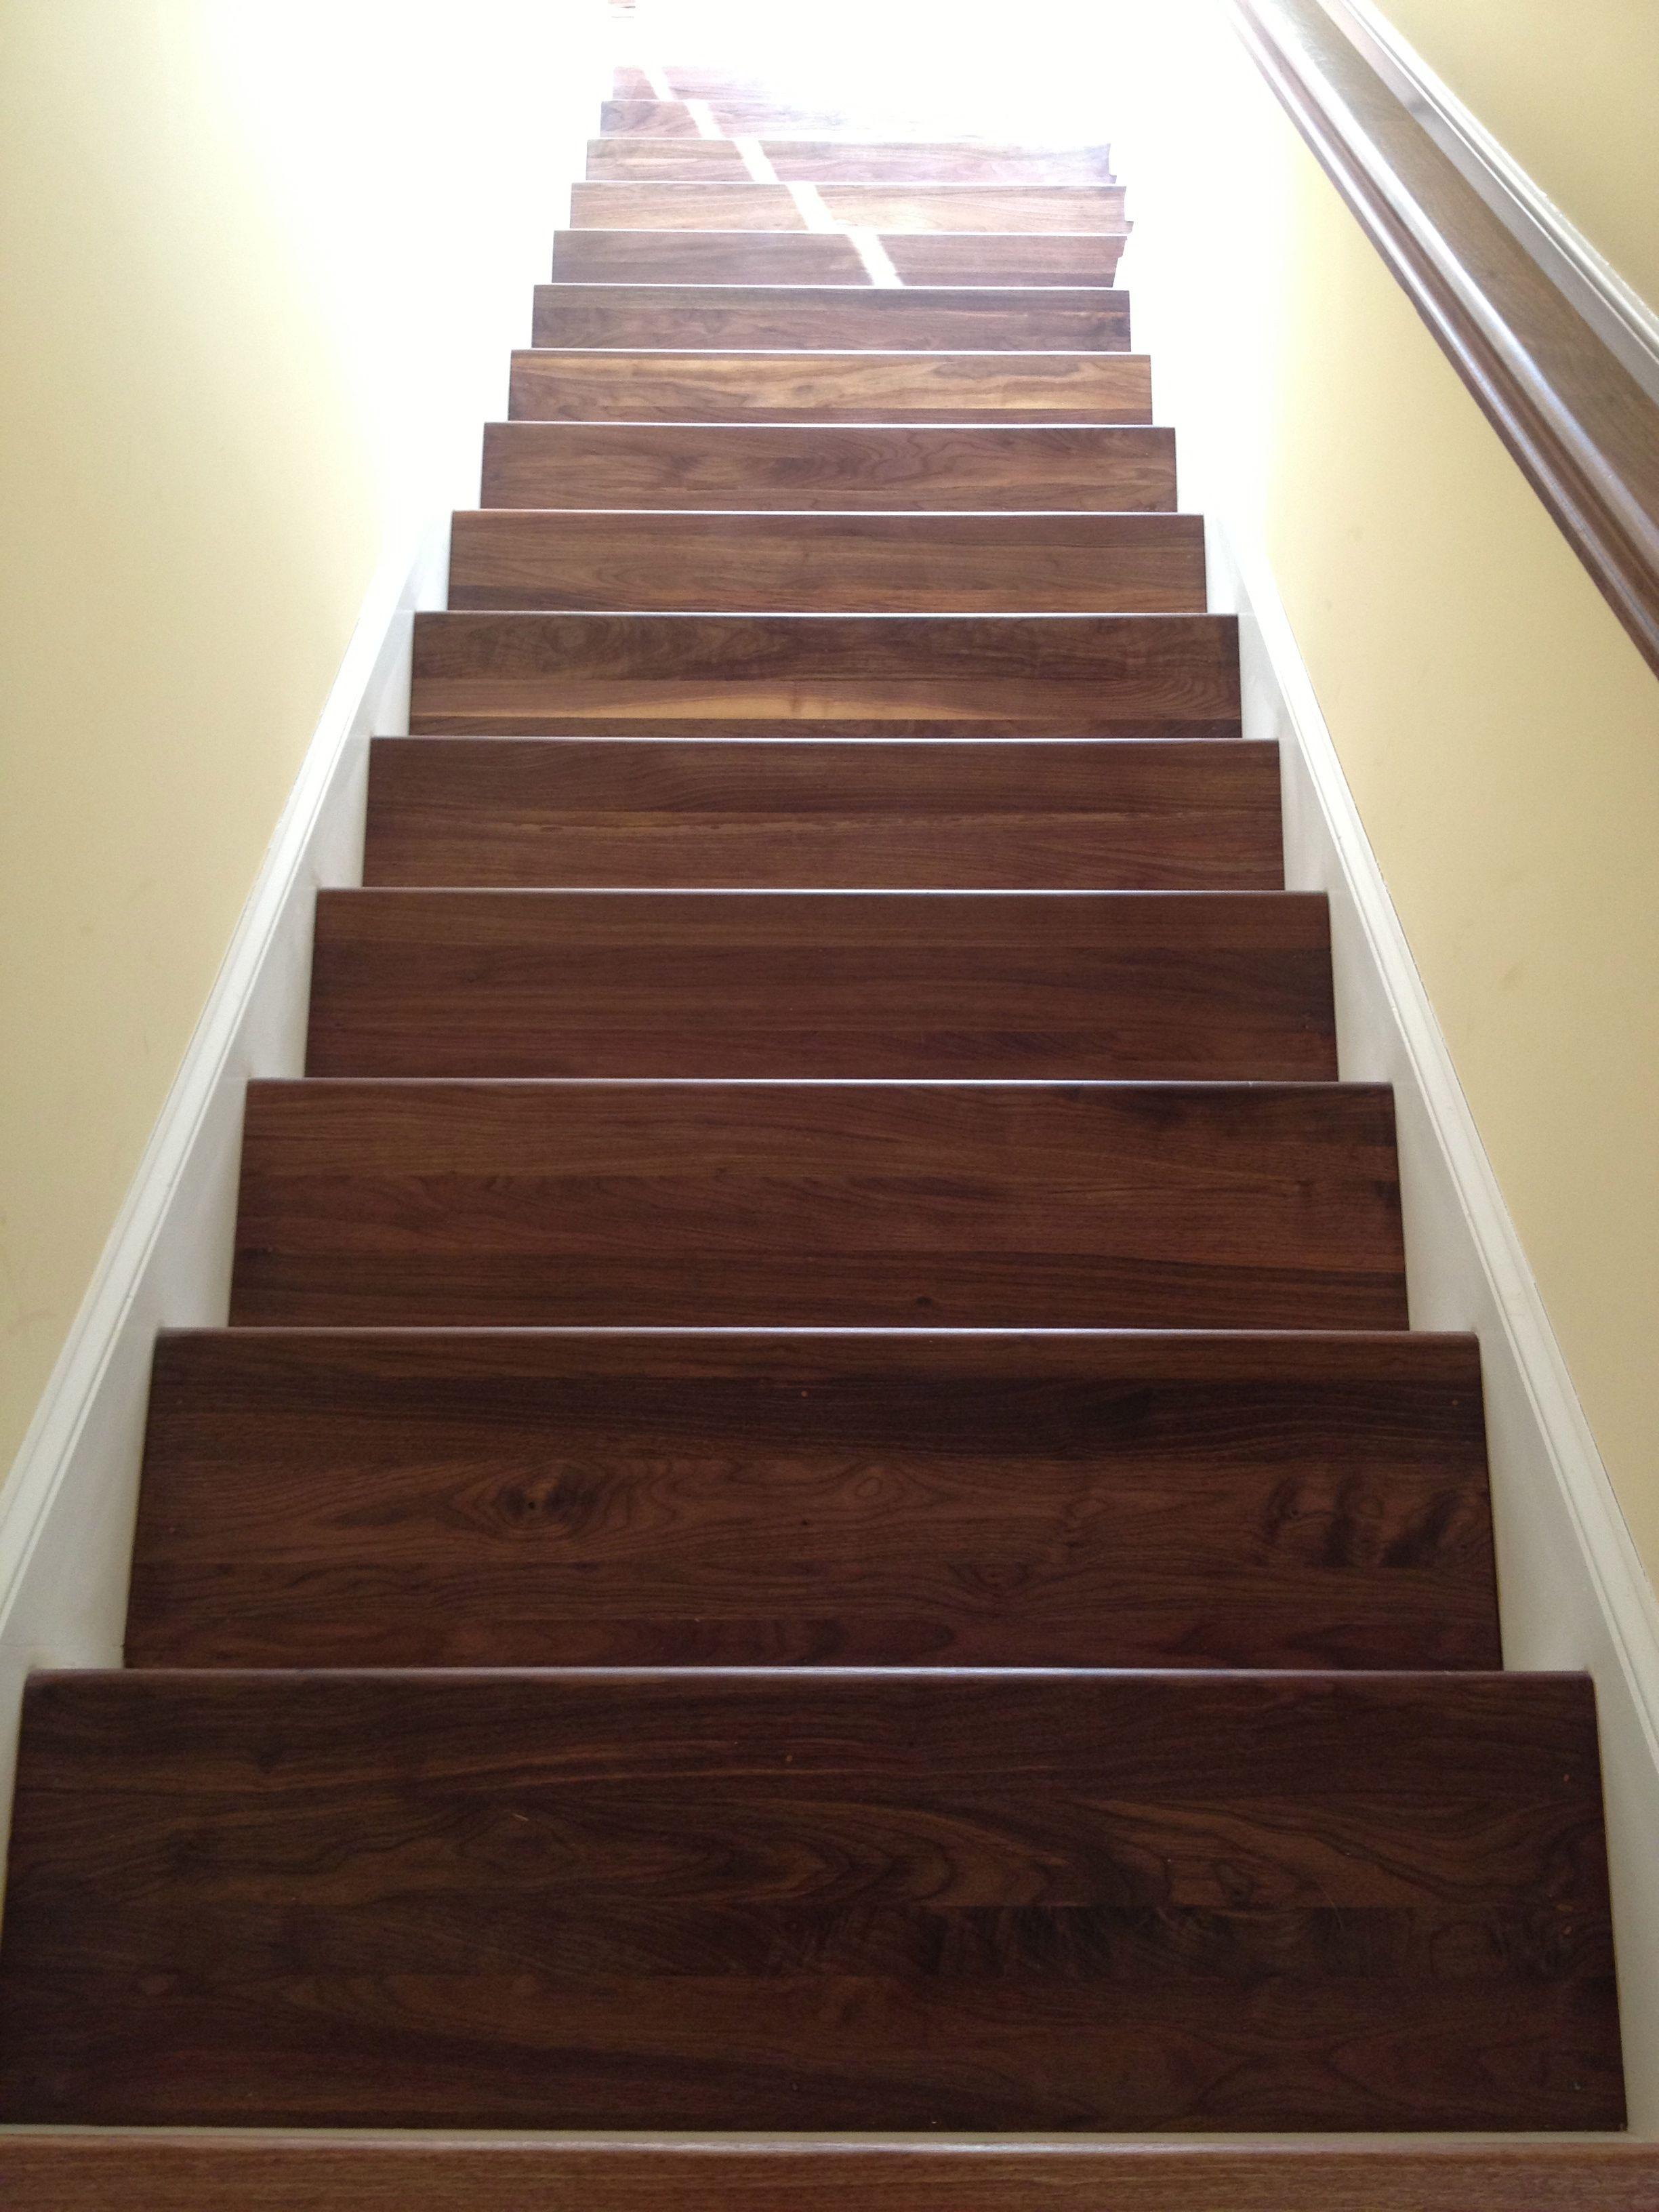 Great Walnut Stair Treads